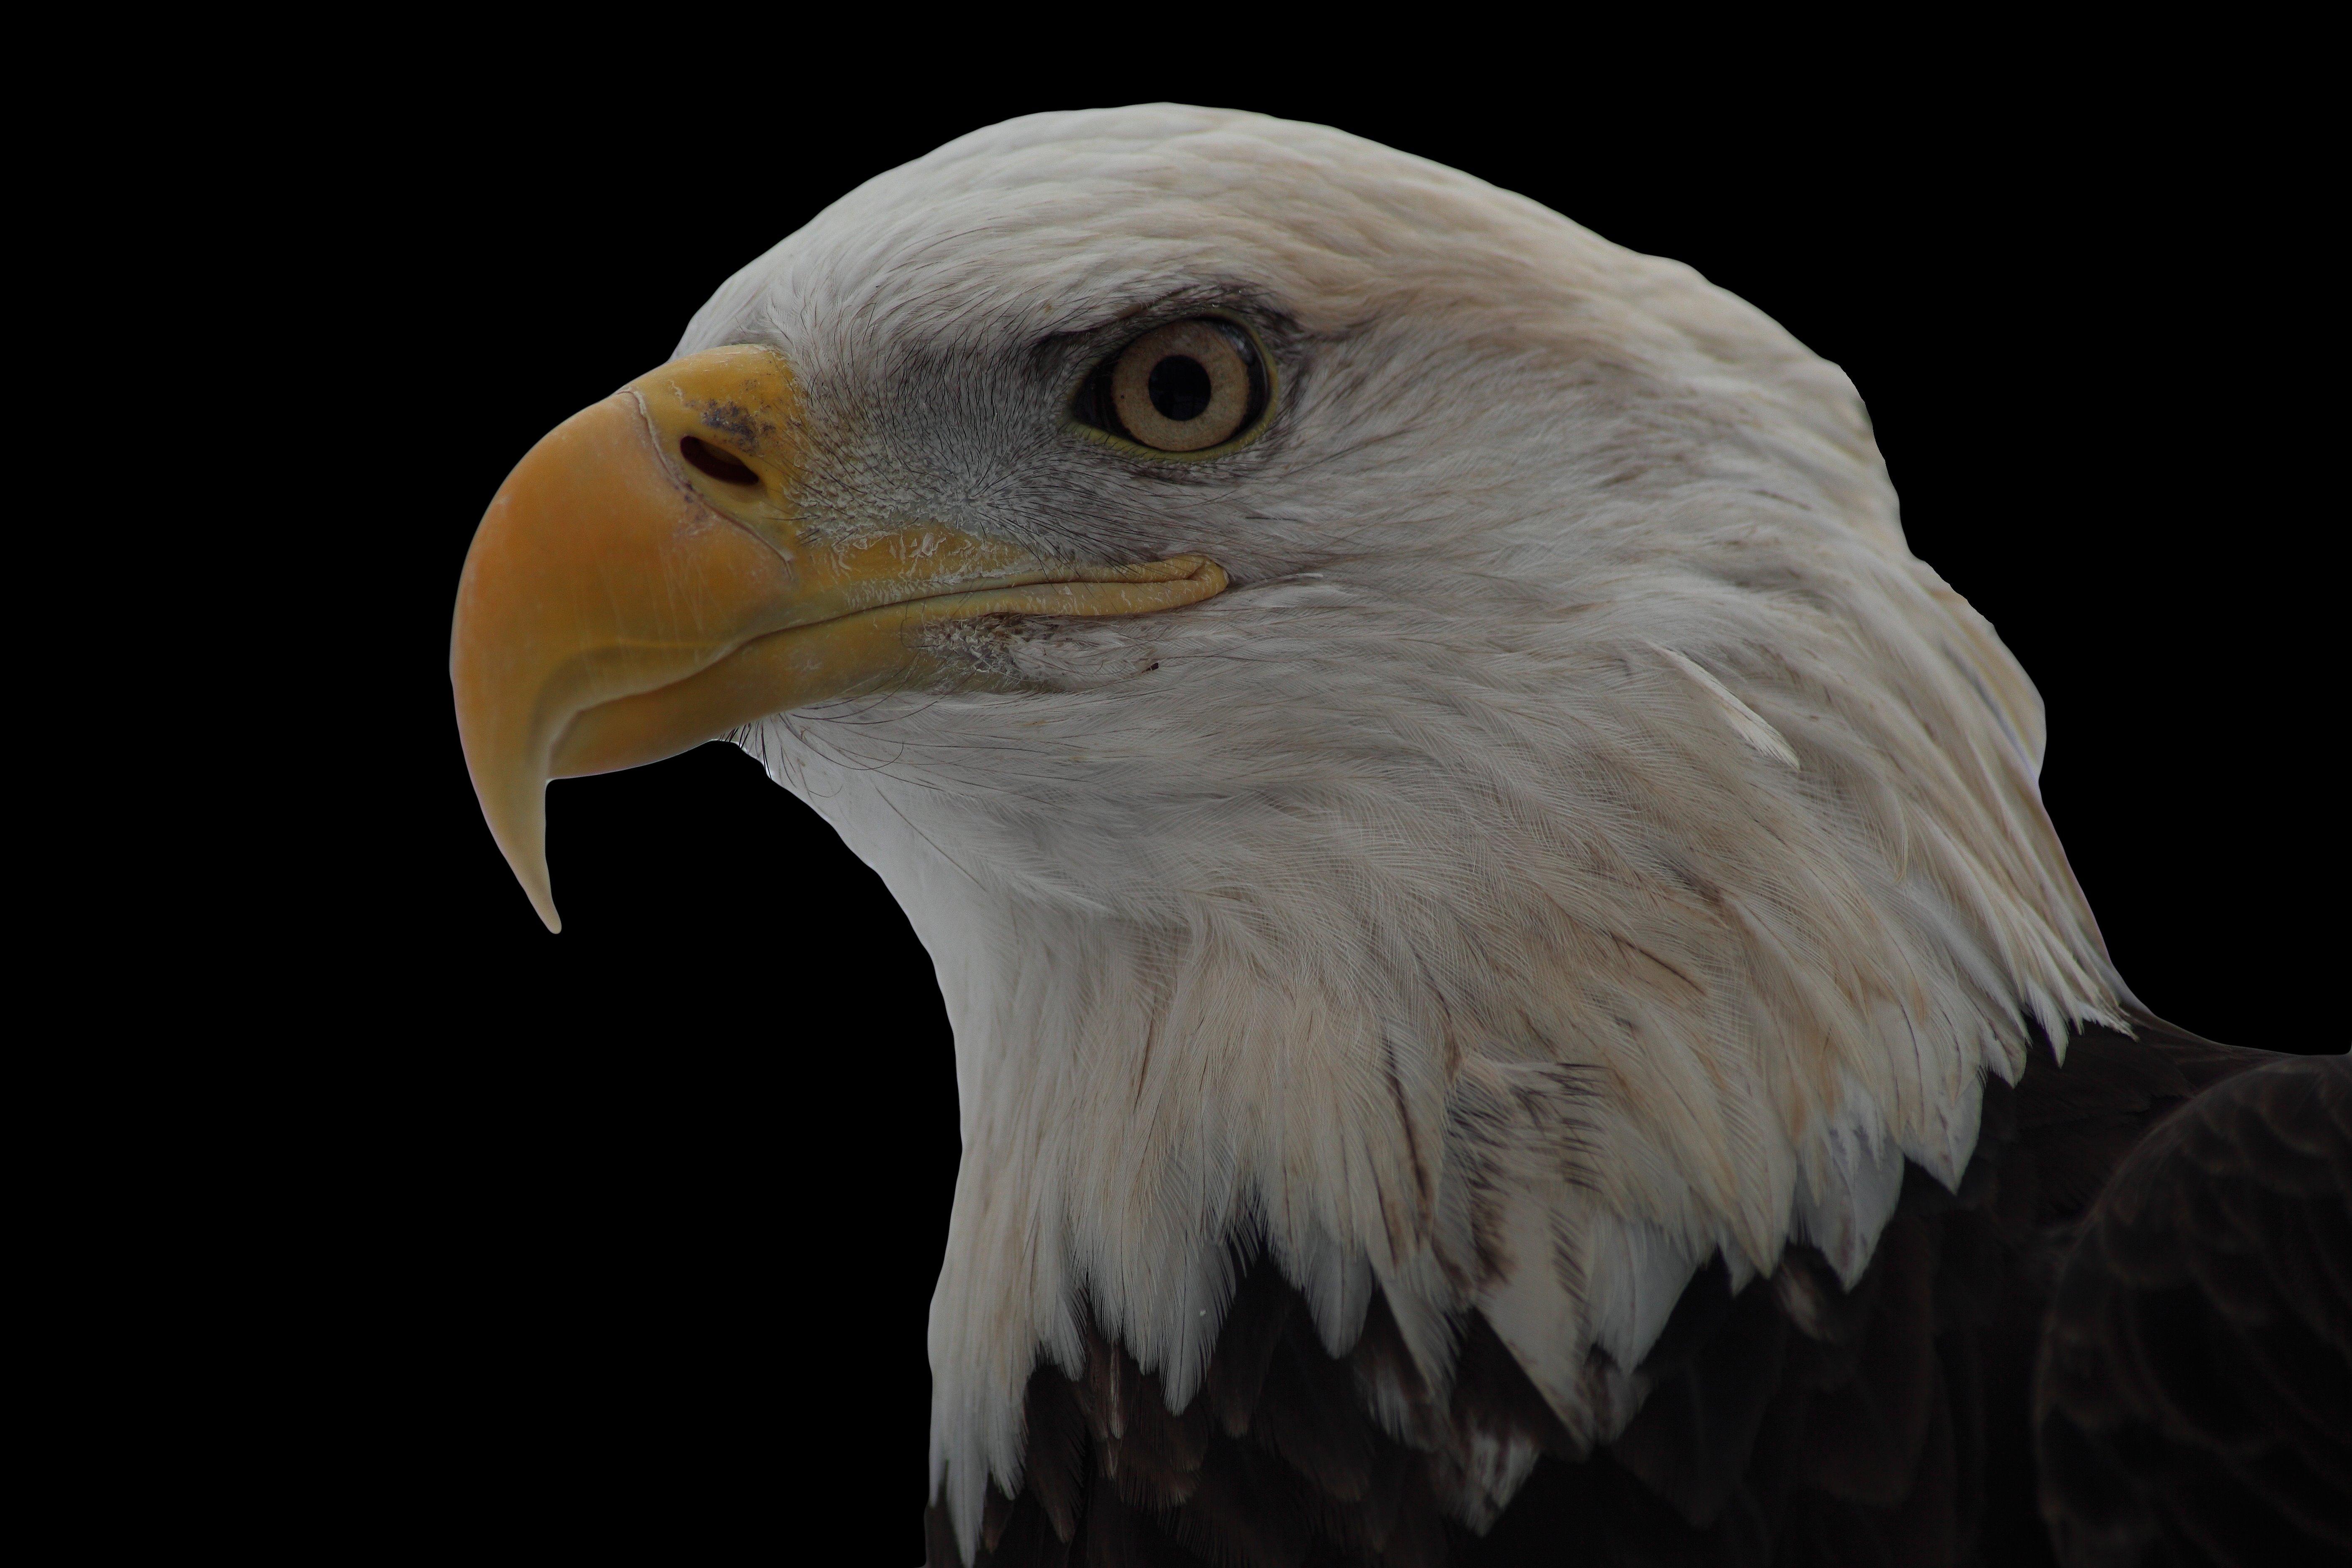 File:Bald-eagle-face-on-black - West Virginia - ForestWander.jpg ...